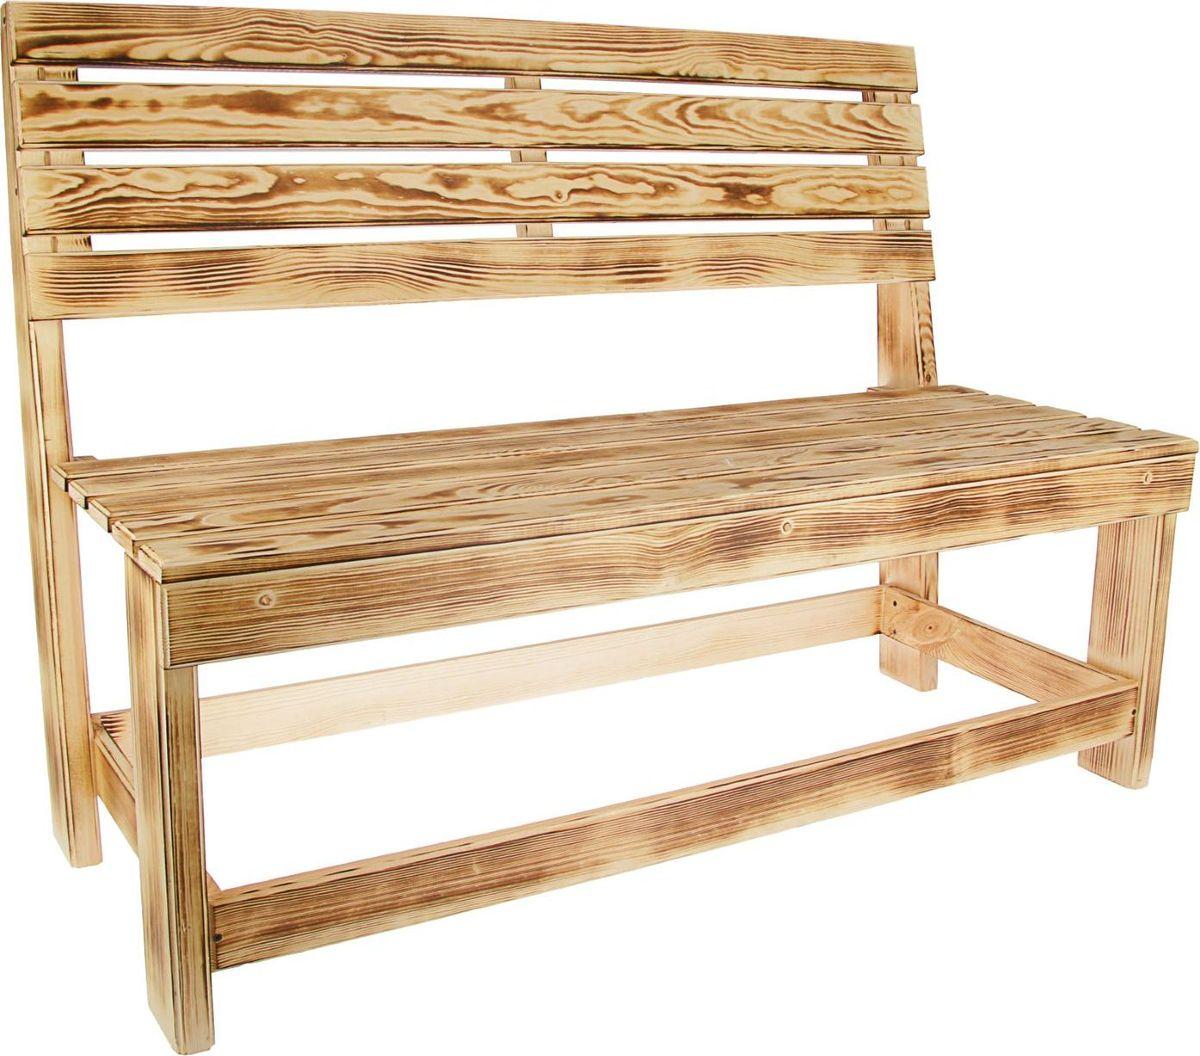 Скамья садовая Добрая баня Дачный, со спинкой, длина 120 см. 23185412318541Сесть и расслабиться после посещения парной, поставить черпак или веник - для всего этого пригодится скамья со спинкой от компании Добрая баня.Данная модель изготовлена из натурального дерева и обработана специальным составом. Она выдержит большие перепады температуры, сильный нагрев, высокую влажность и прочие экстремальные условия. Изделие идеально дополнит интерьер комнат, особенно в экостиле, или послужит излюбленным местом отдыха на открытом воздухе, например в загородном доме.Преимущества деревянных изделий: - выдерживают перепады температуры, не рассыхаются; - им не грозит коррозия или деформация, в отличие от изделий из пластика или металла; - влагоустойчивы и не подвержены гниению; - практически не нагреваются, поэтому вы не обожжётесь; - натуральные и экологически чистые материалы, созданные самой природой;- привлекательный внешний вид (липа не темнеет со временем).Скамья сможет стать прекрасным подарком ценителям настоящей русской бани.С лёгким паром!